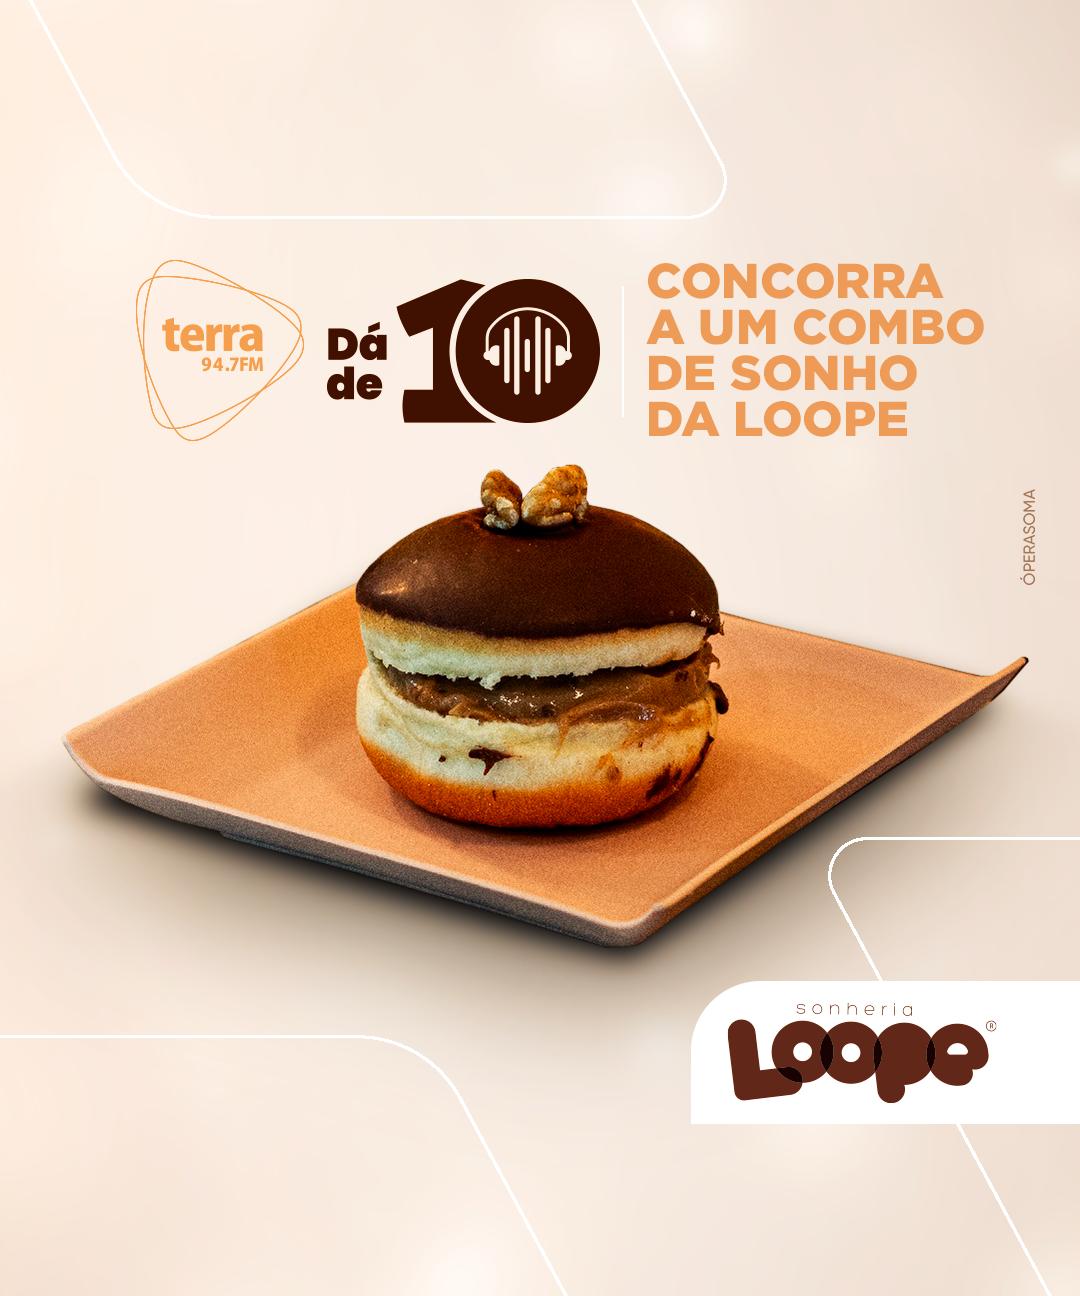 Banner LOOPE NO TERRA DÁ DE 10